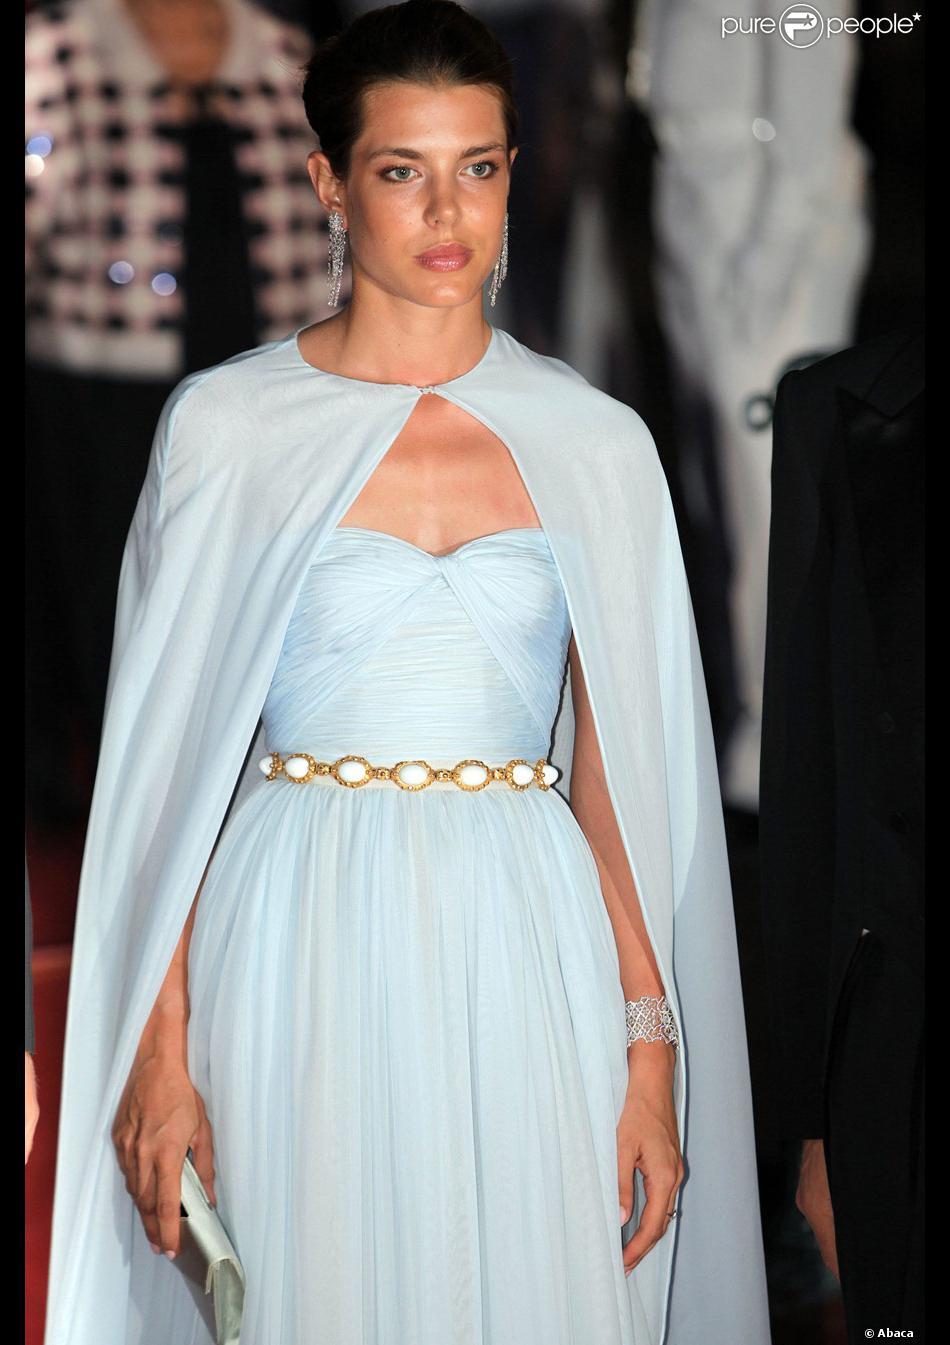 meilleur service 715c2 f1866 Charlotte Casiraghi capée et dans une superbe robe longue ...